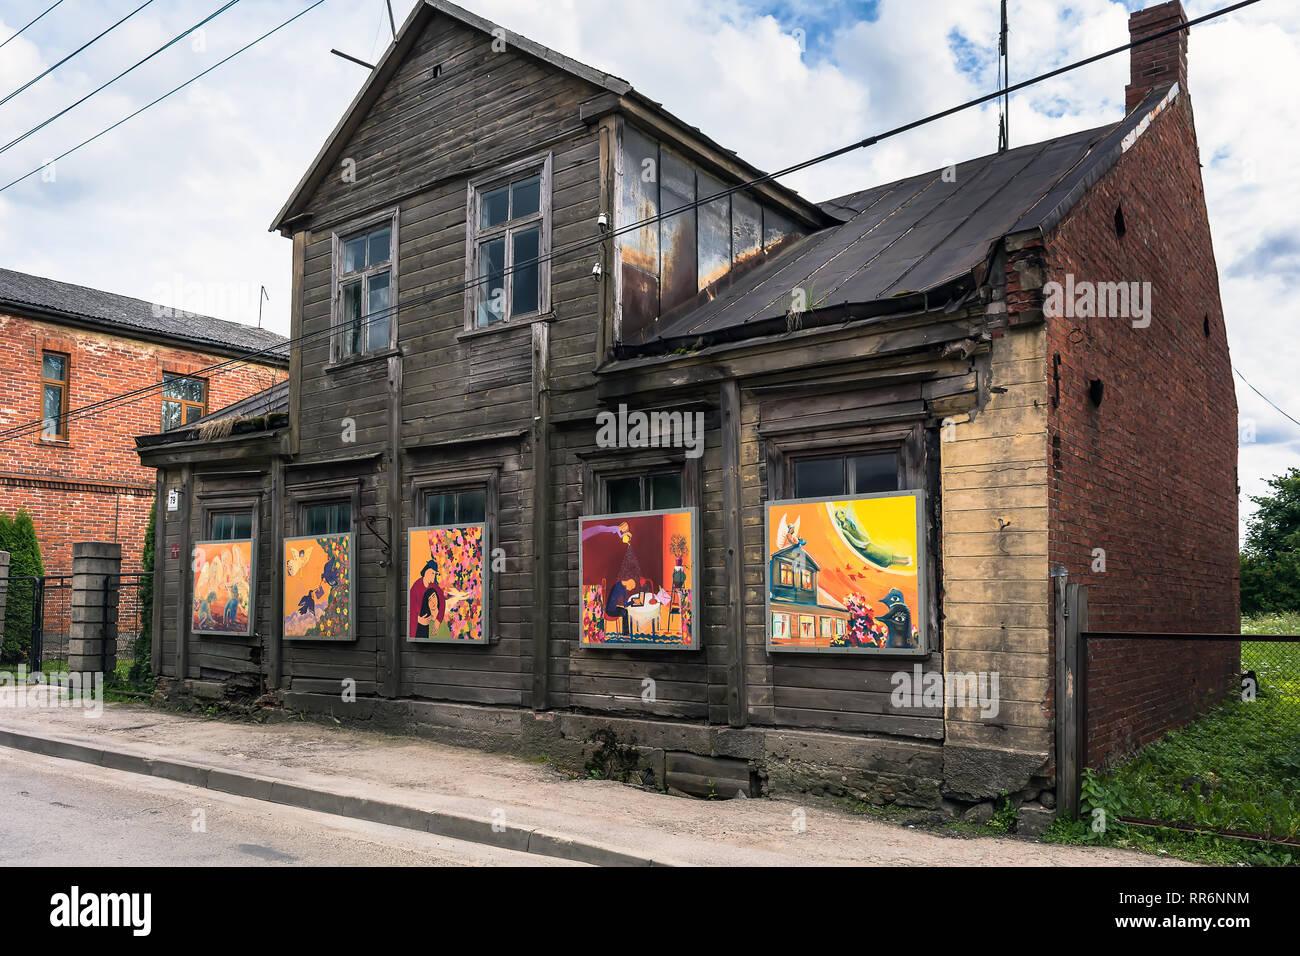 Jekabpils, Lettonia - 25 Giugno 2017: il vecchio abbandonato a due piani cupo edificio in legno con luminosi colorati dipinti invece di windows. Opposti e co Immagini Stock